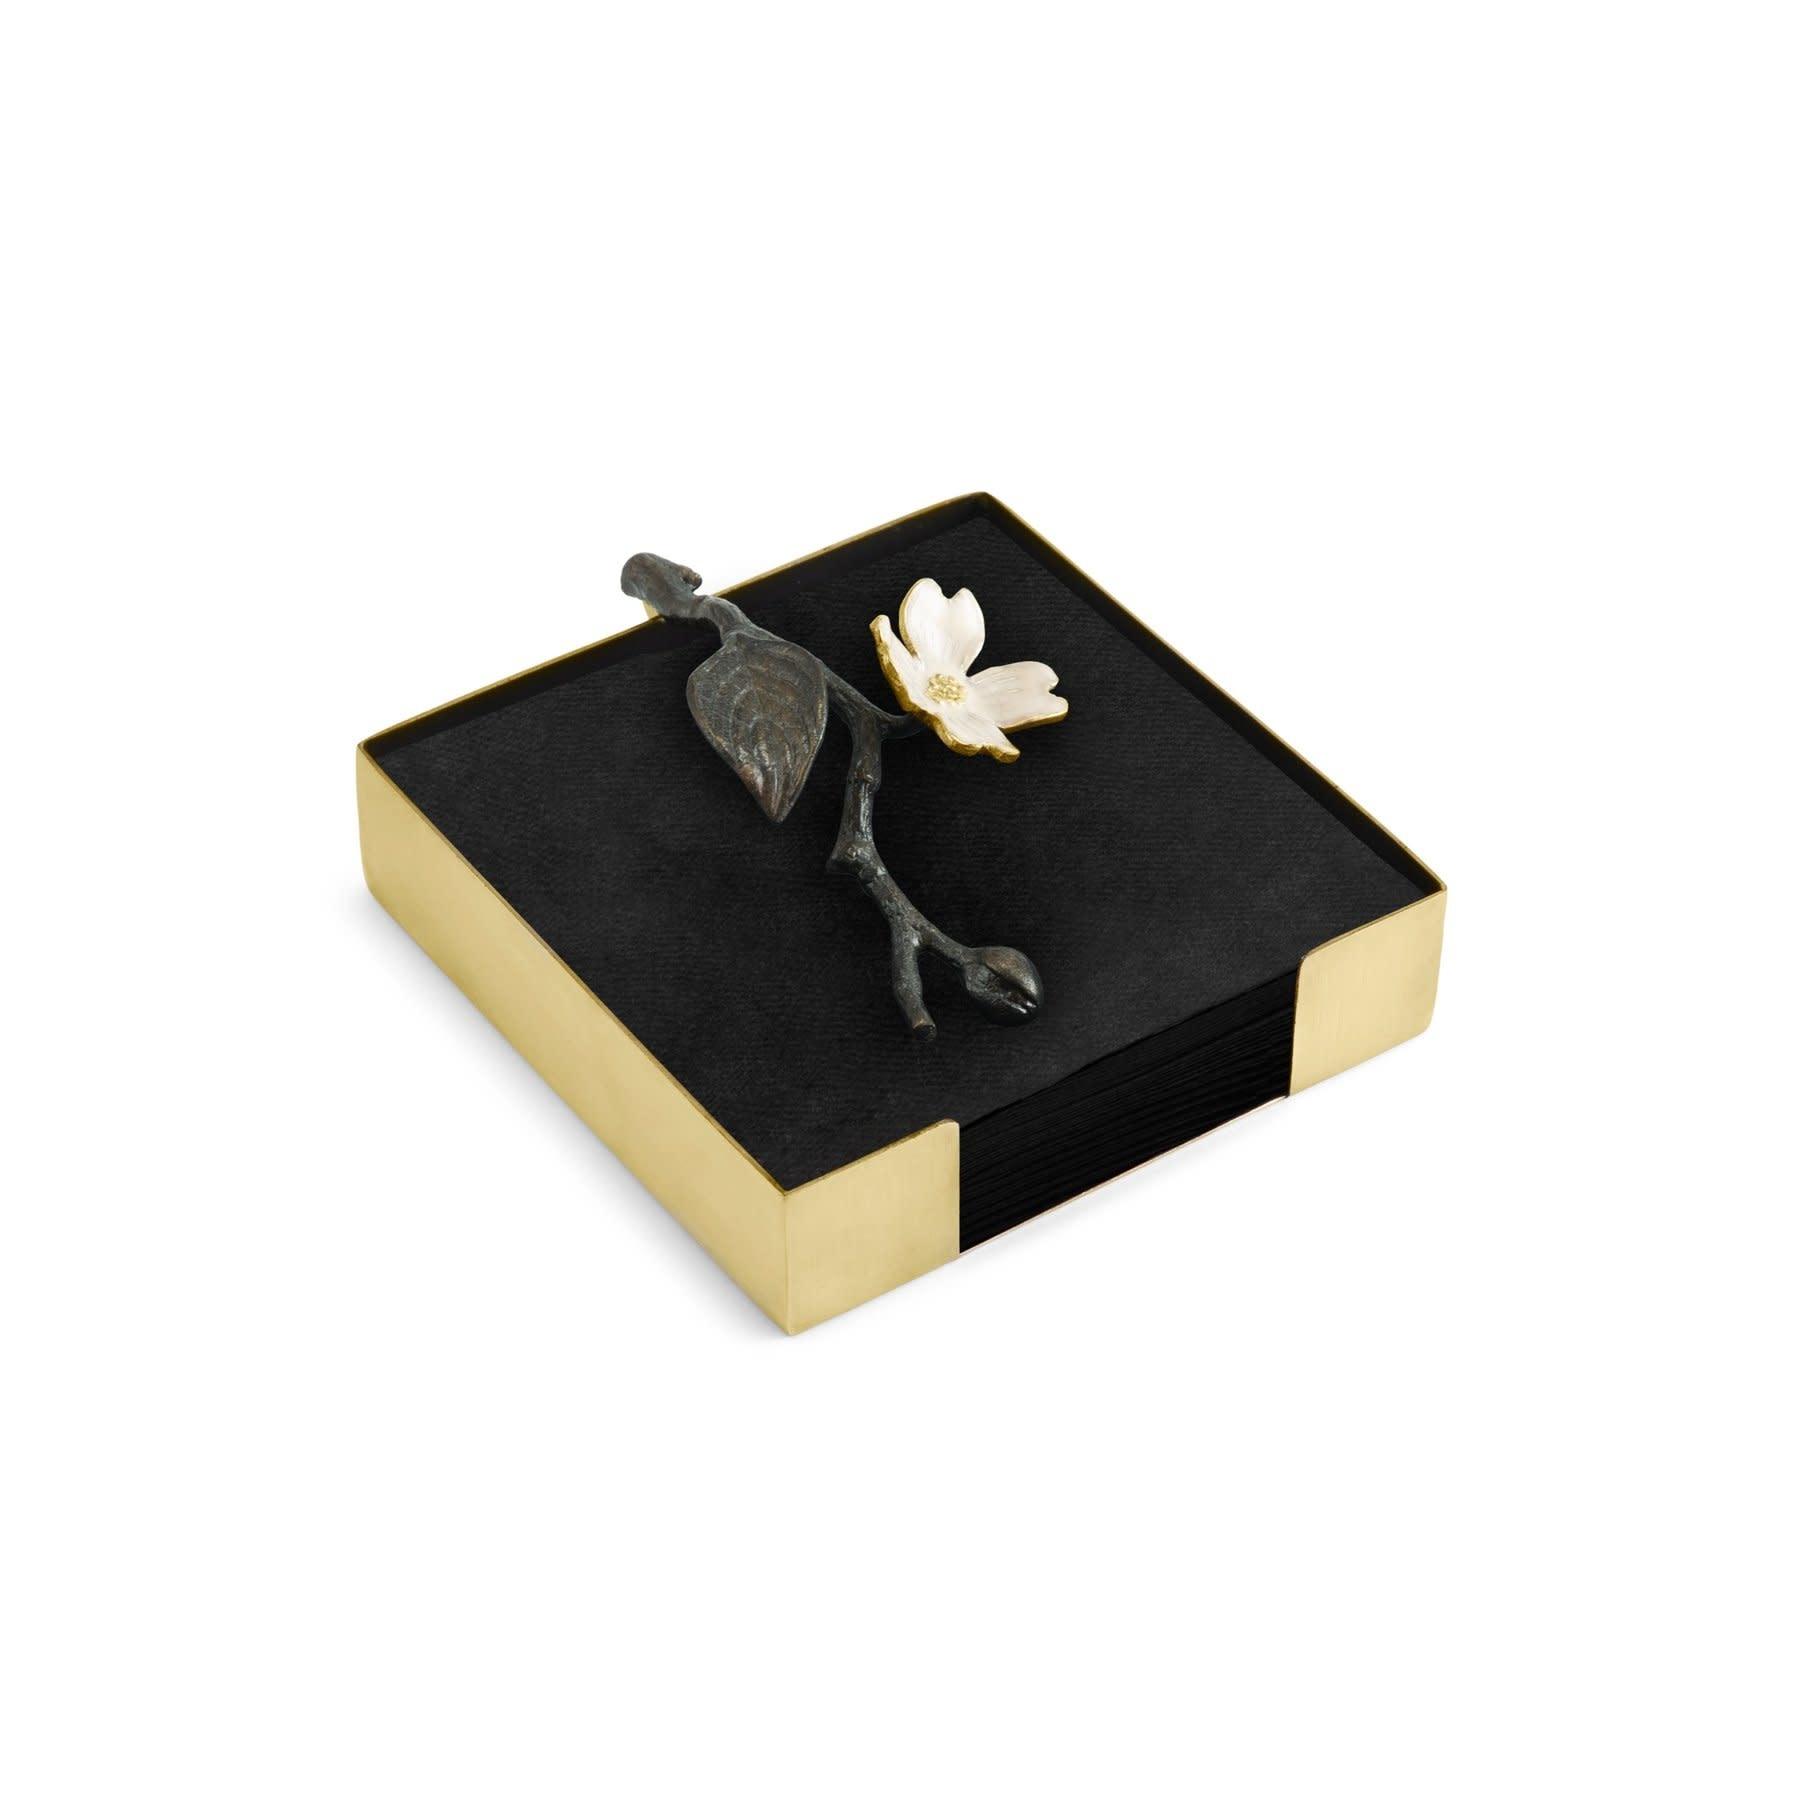 Dogwood Cocktail Napkin Box-4